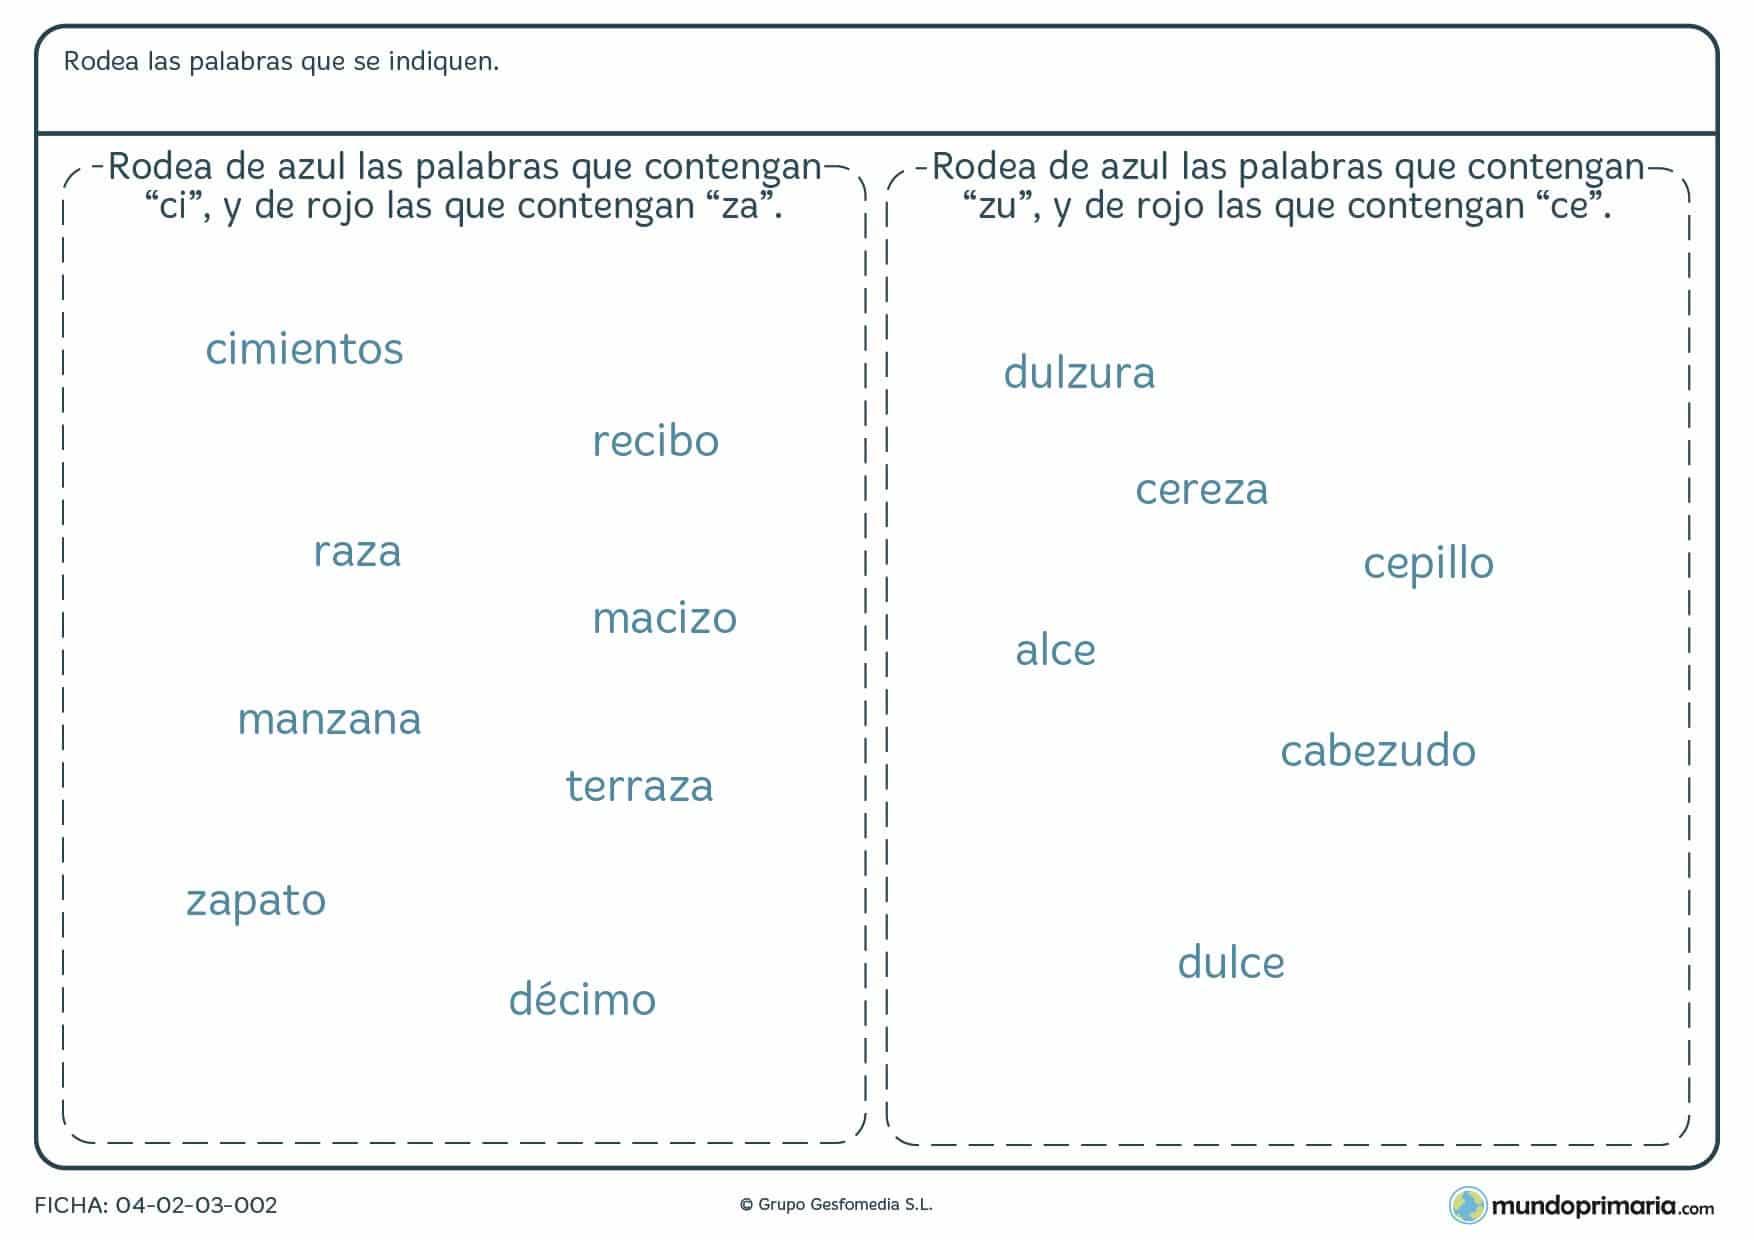 Ficha de localizar sílabas en palabras en la que debes identificar las sílabas que se piden y colocar la palabra en columna correcta.